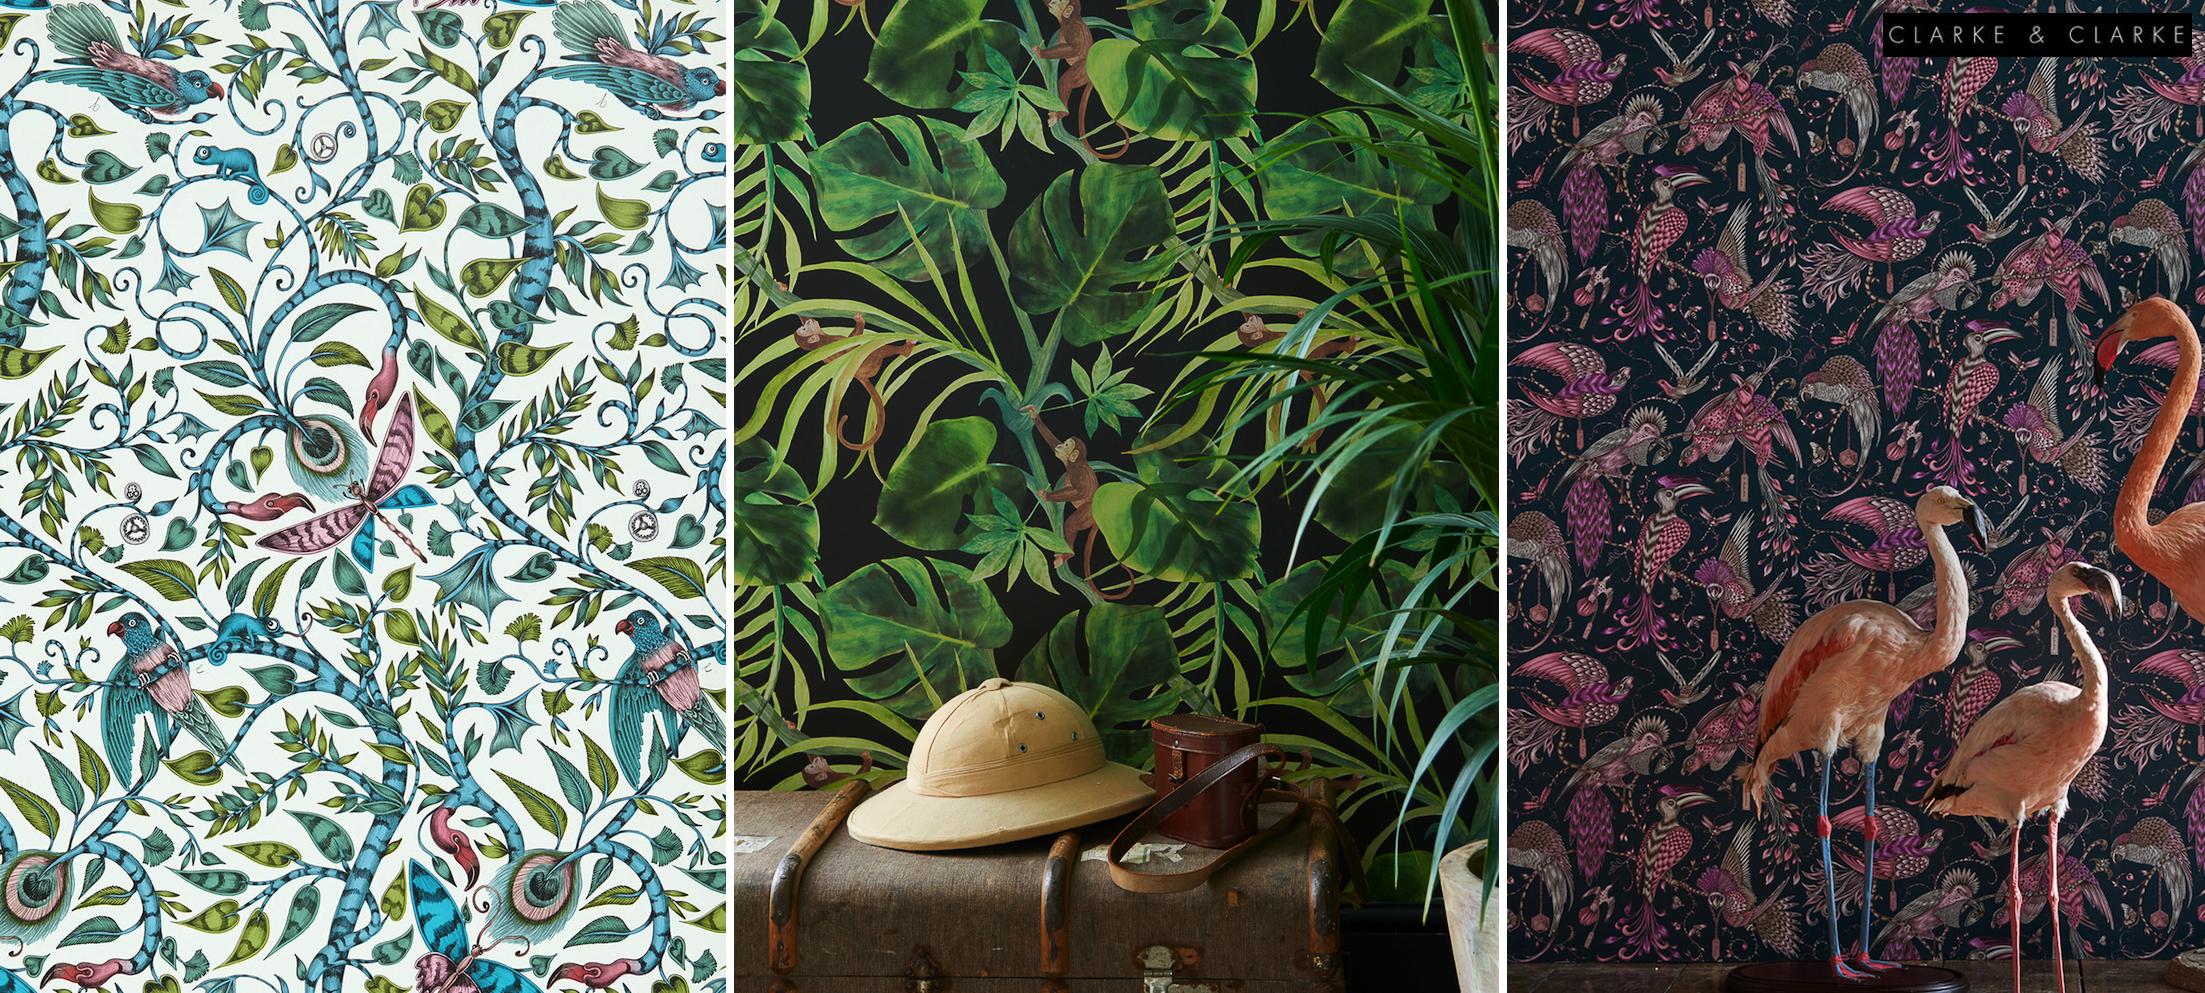 clarke-clarke-wallpaper-australia.jpg